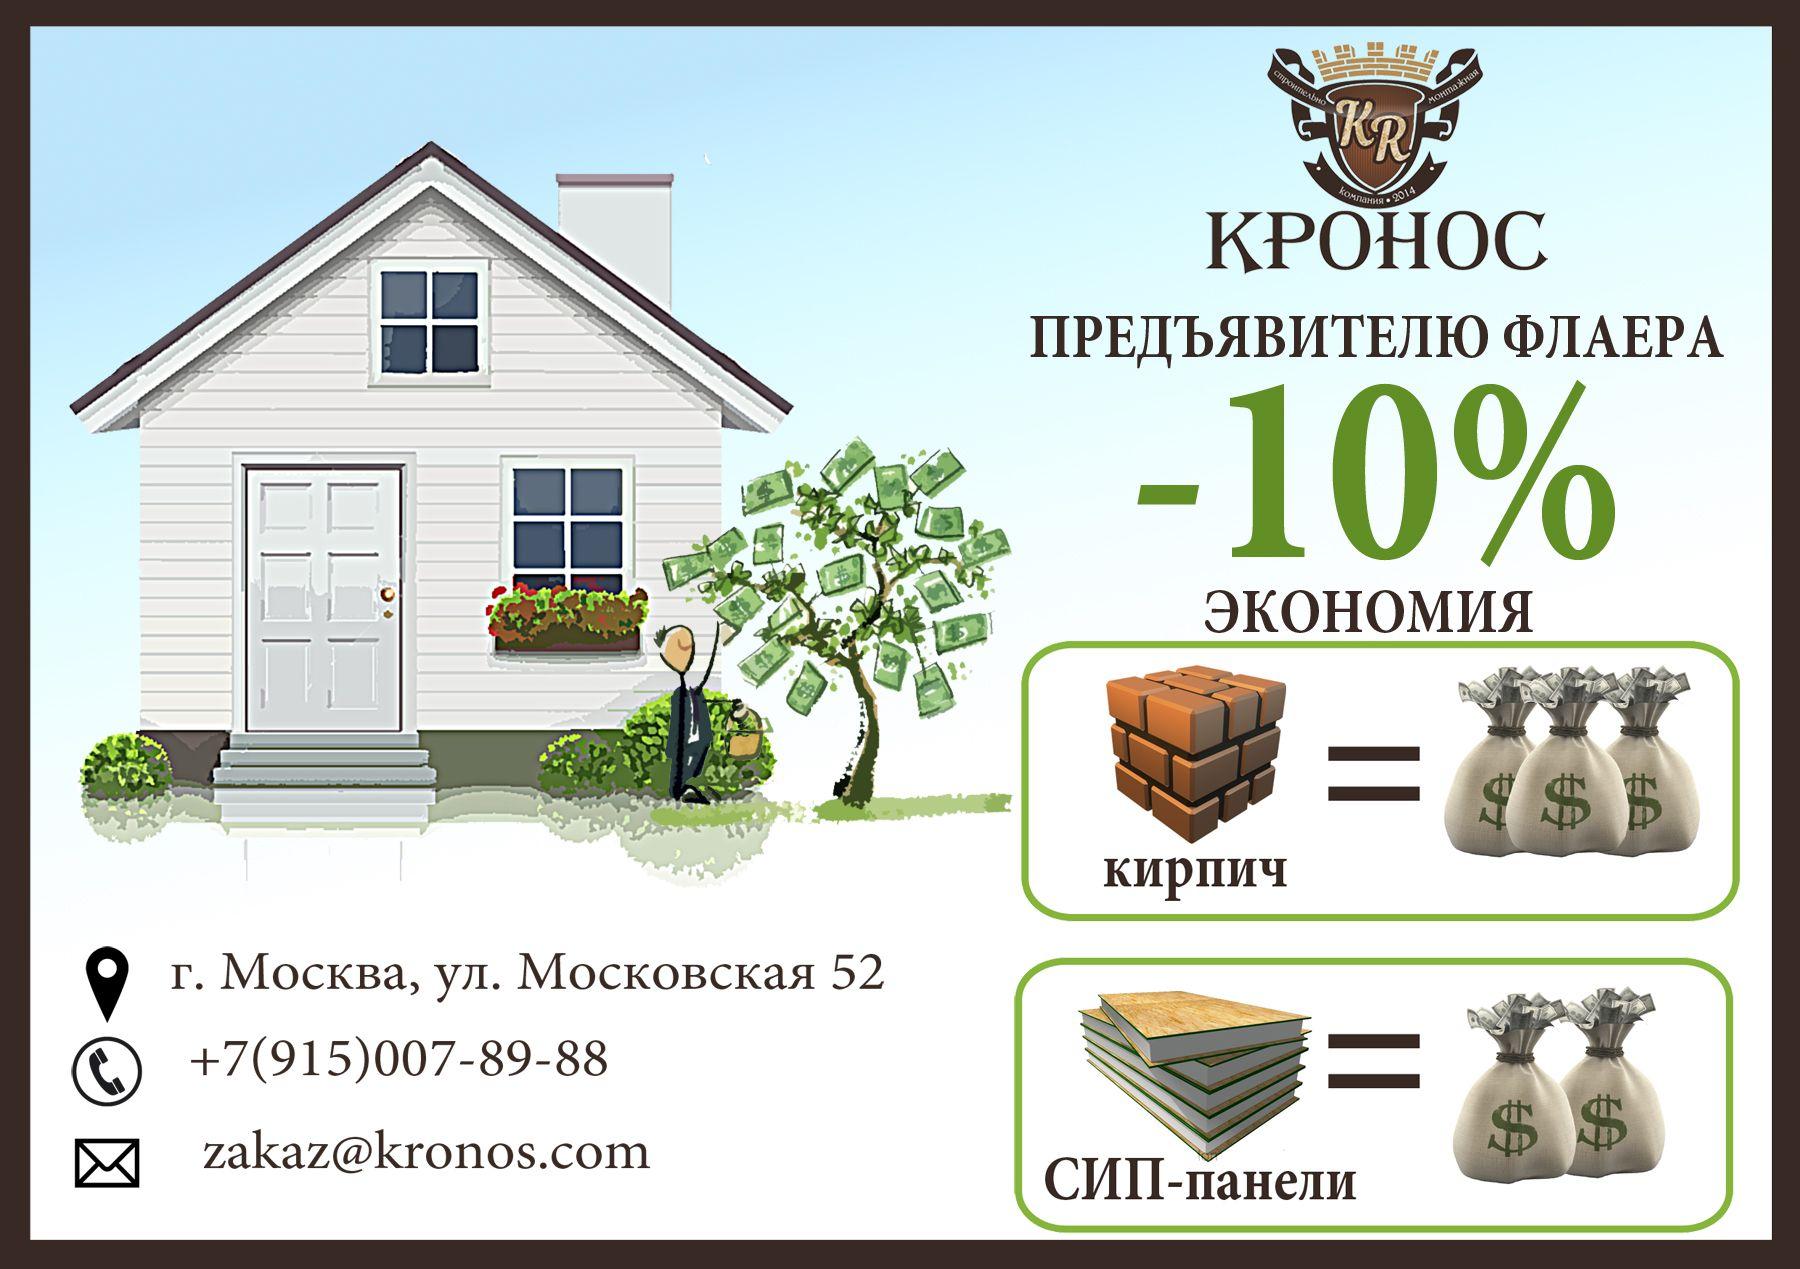 Дизайн листовки для рекламы строительной компании - дизайнер xo-Katherine